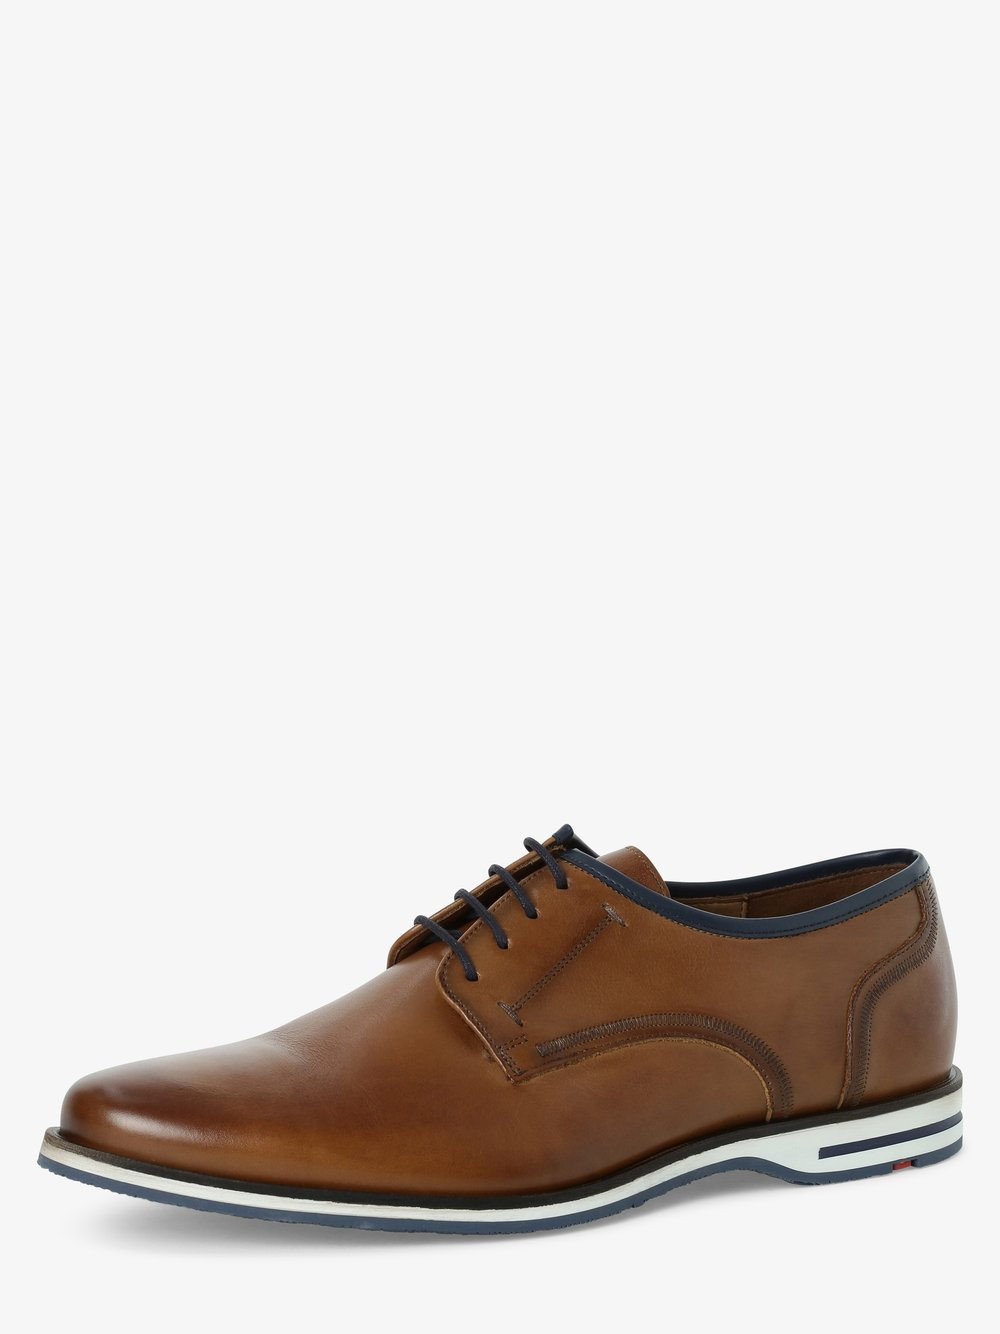 Lloyd - Męskie buty sznurowane ze skóry – Detroit, beżowy